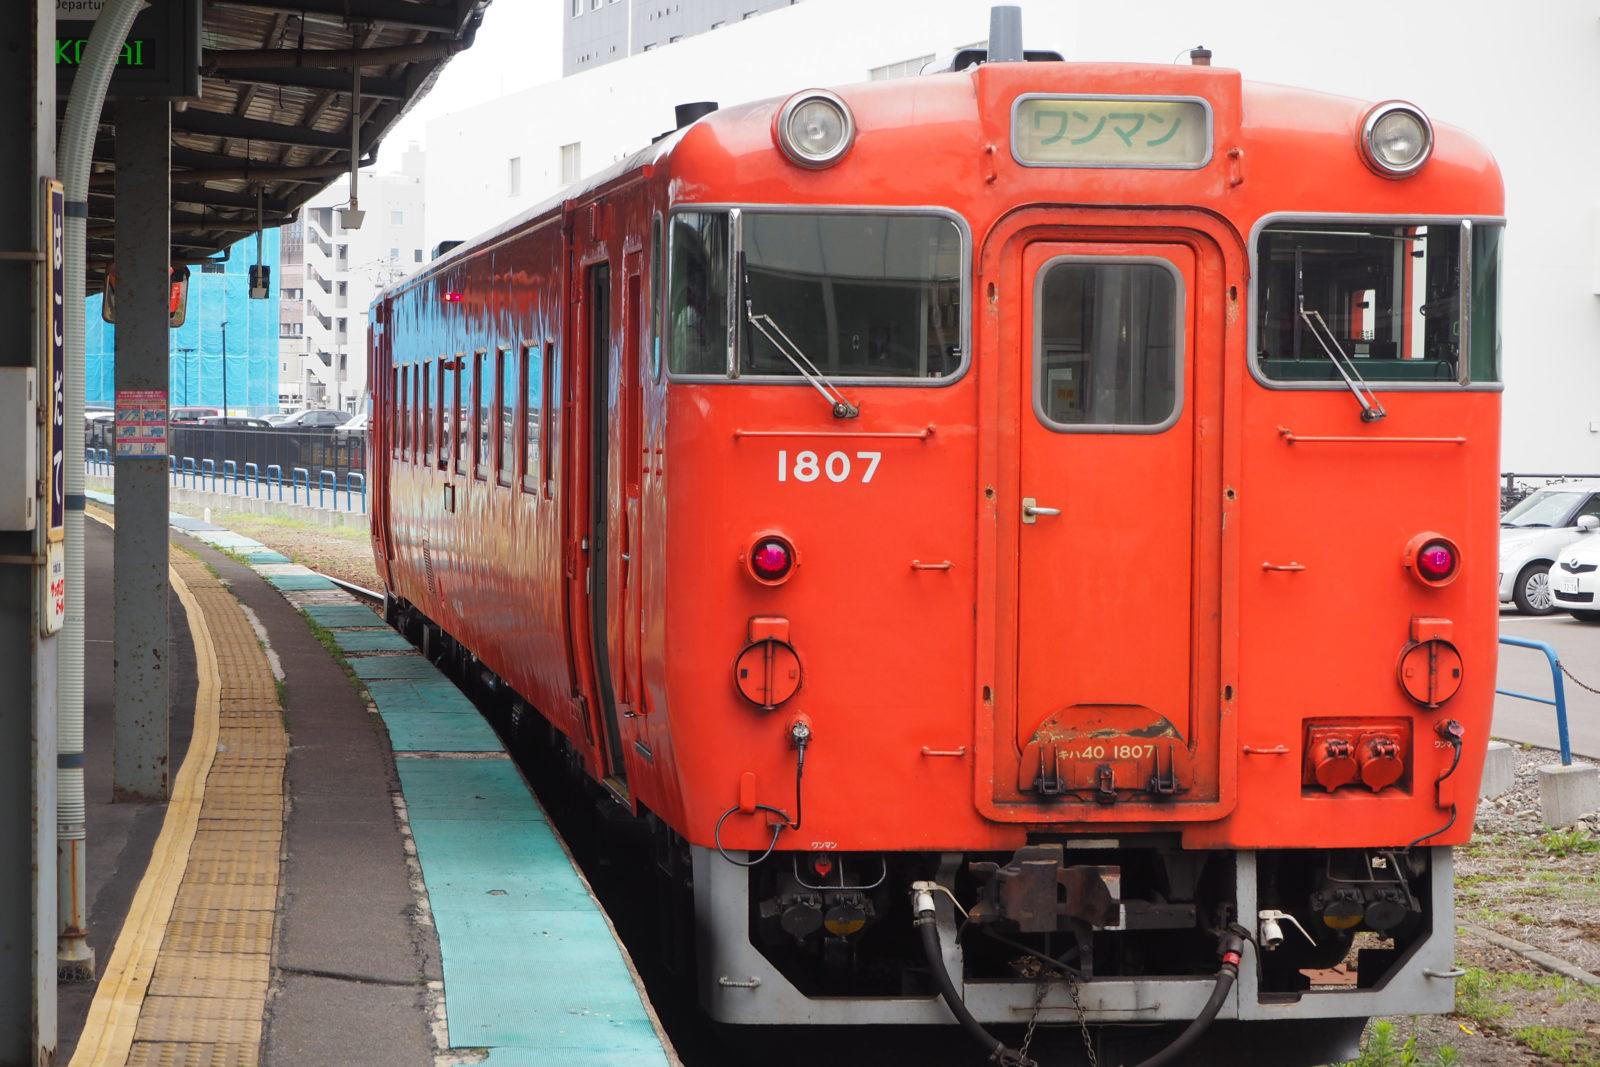 ローカル線NO.1 |道南いさりび鉄道の知られざる魅力